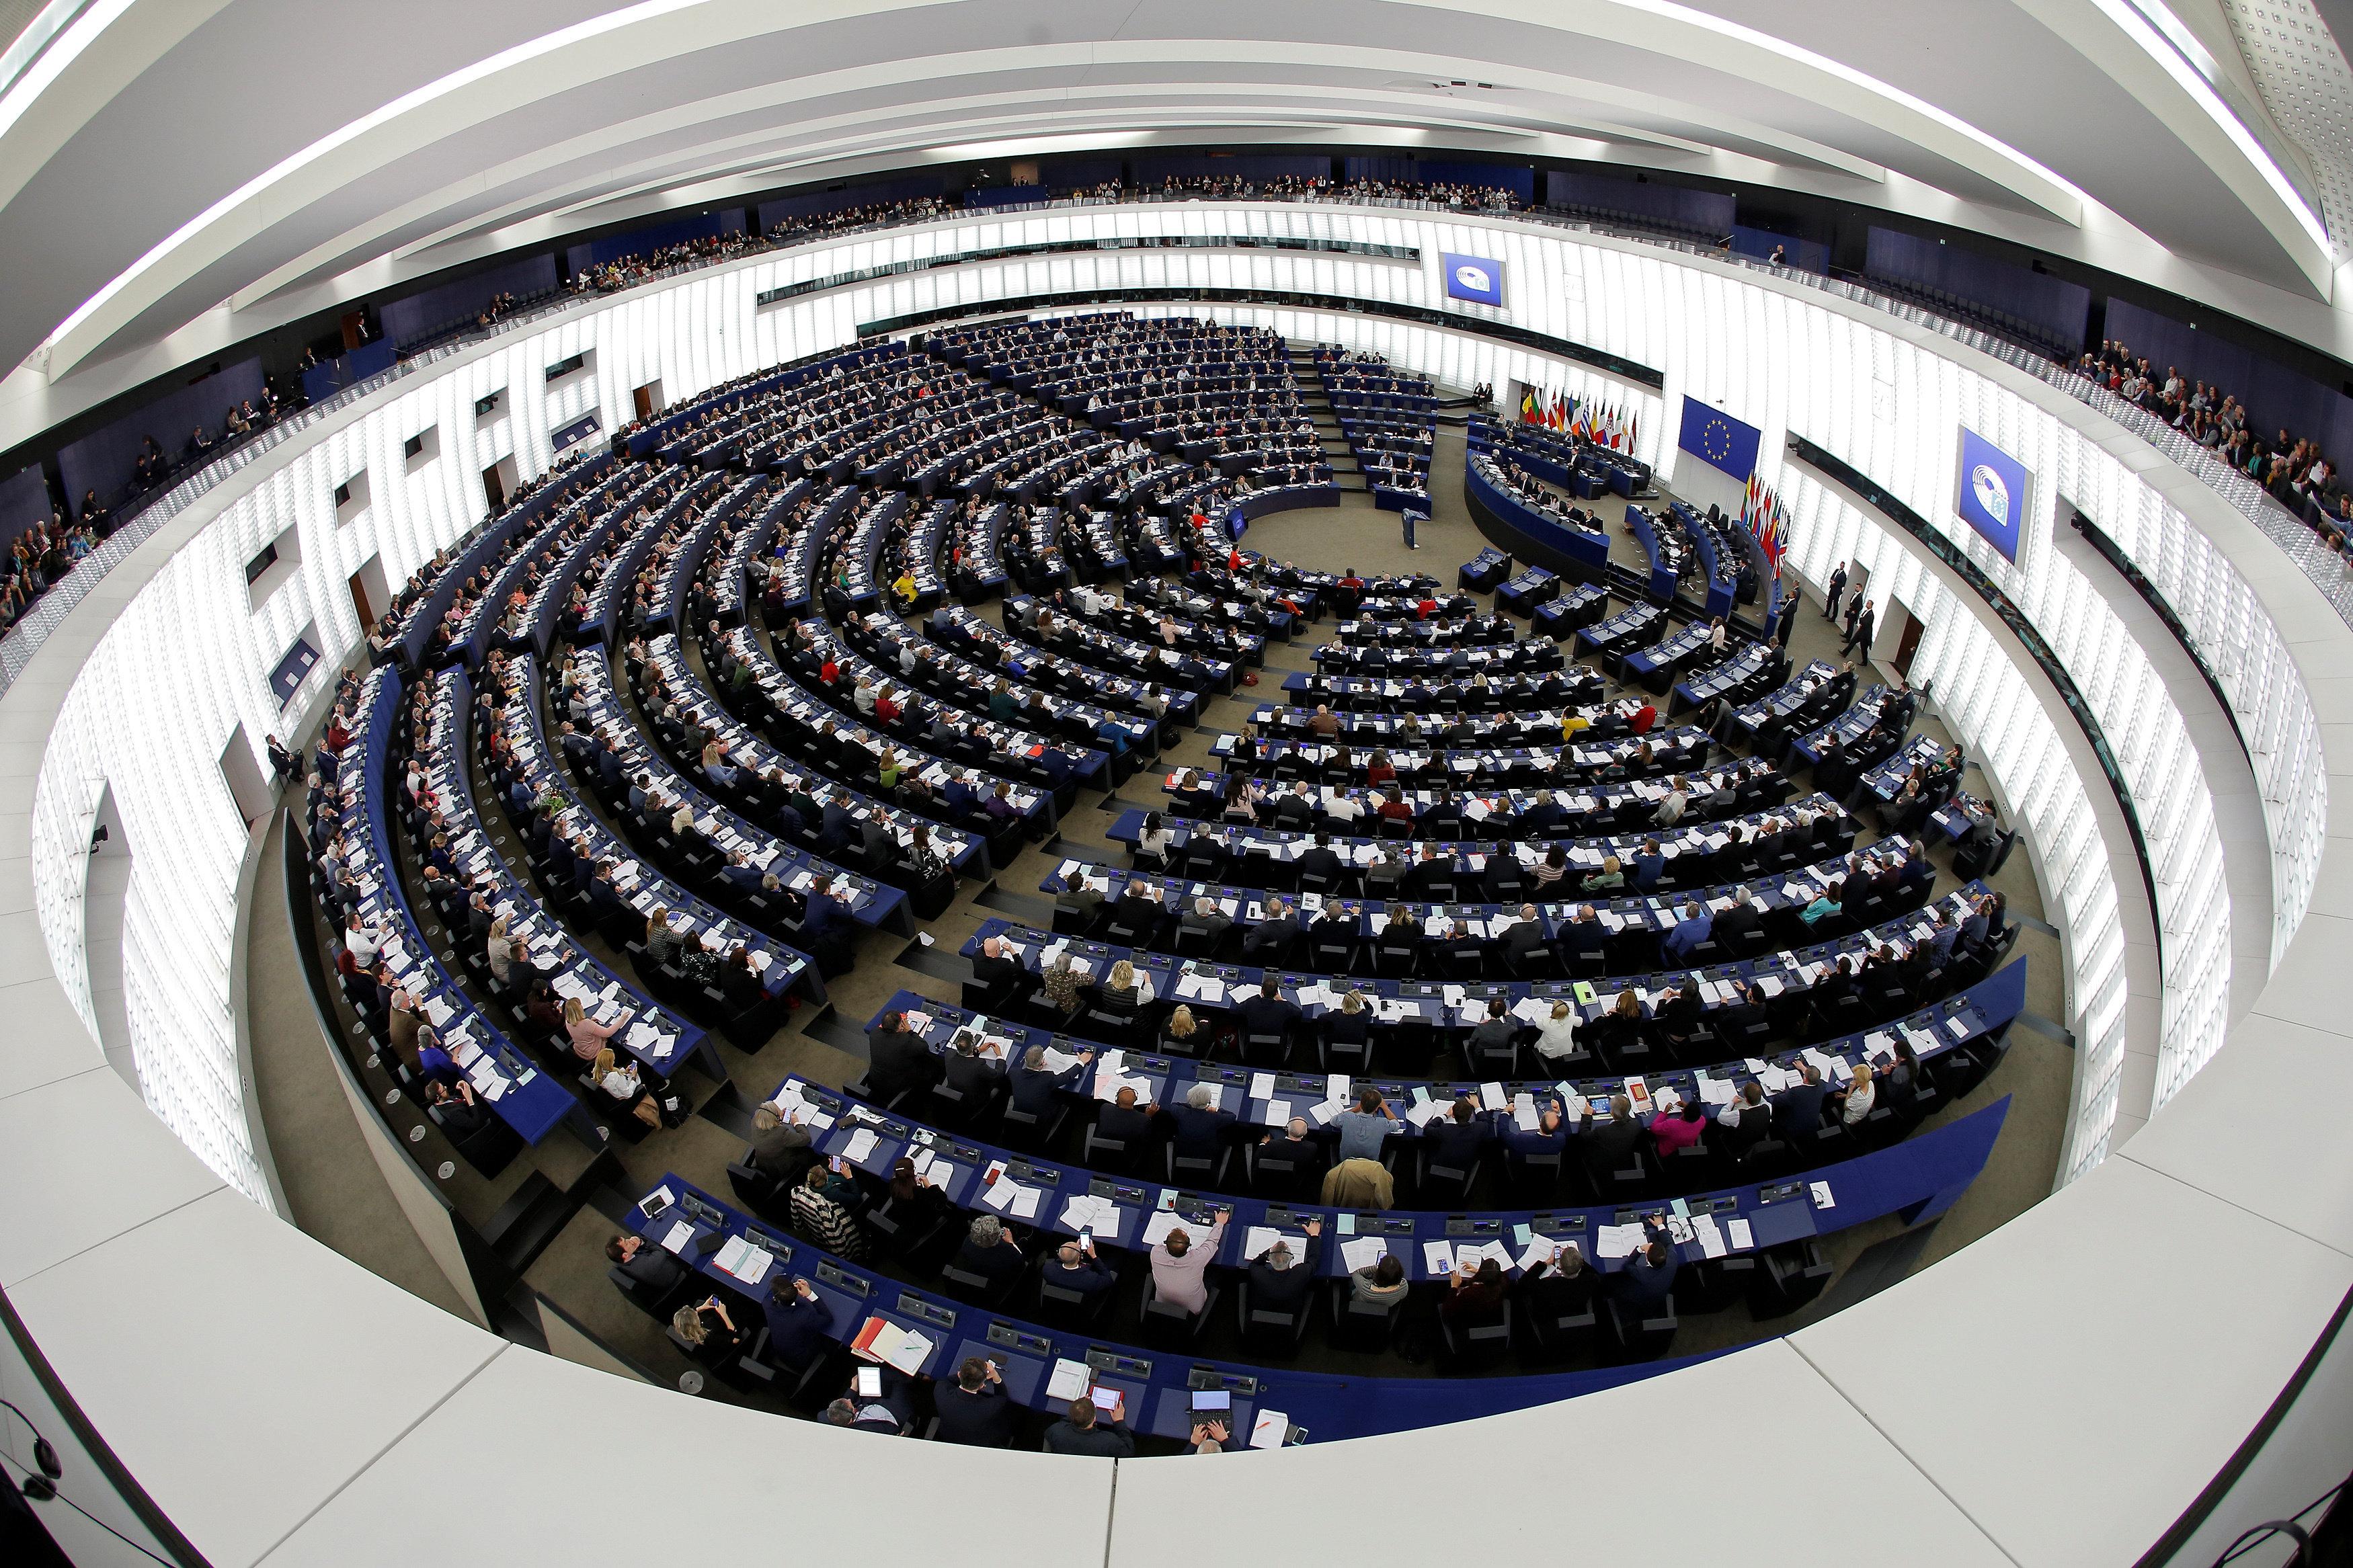 Κοινή δήλωση 16 Ελλήνων ευρωβουλευτών προς την Τουρκία για άμεση απελευθέρωση των δύο